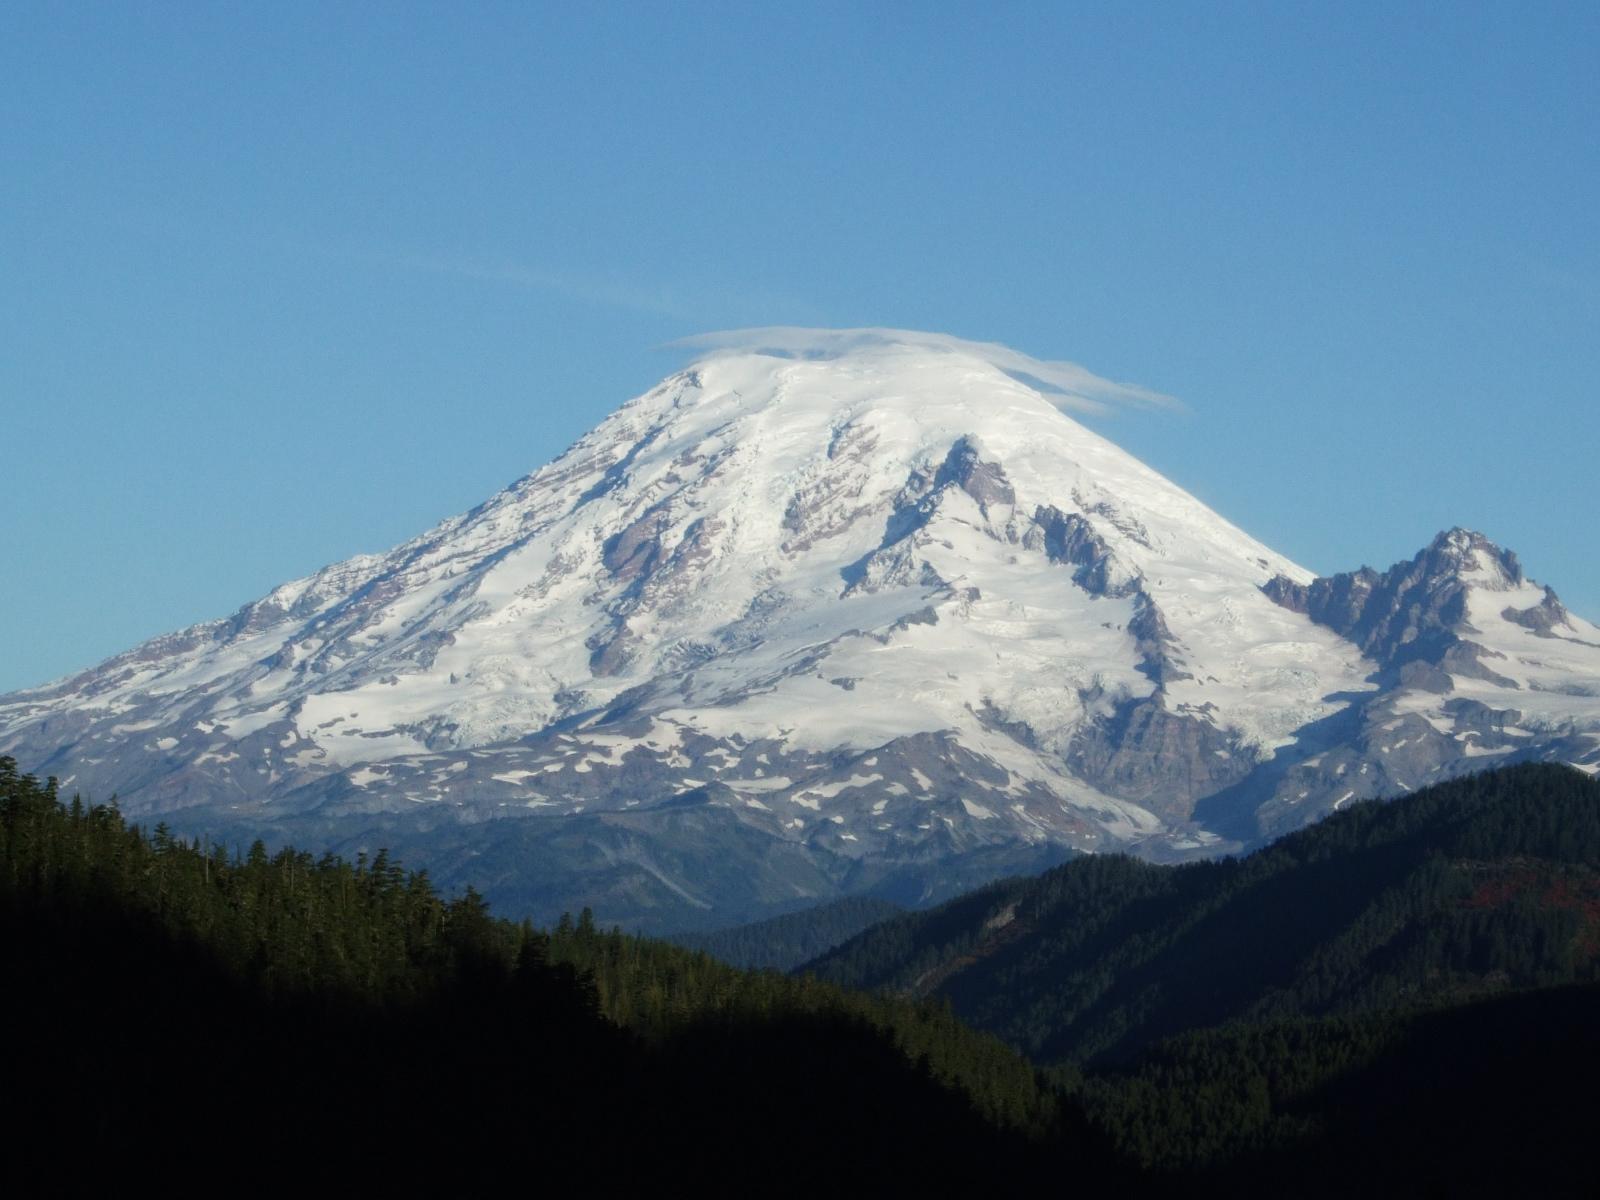 Mt. Rainier, September 2010